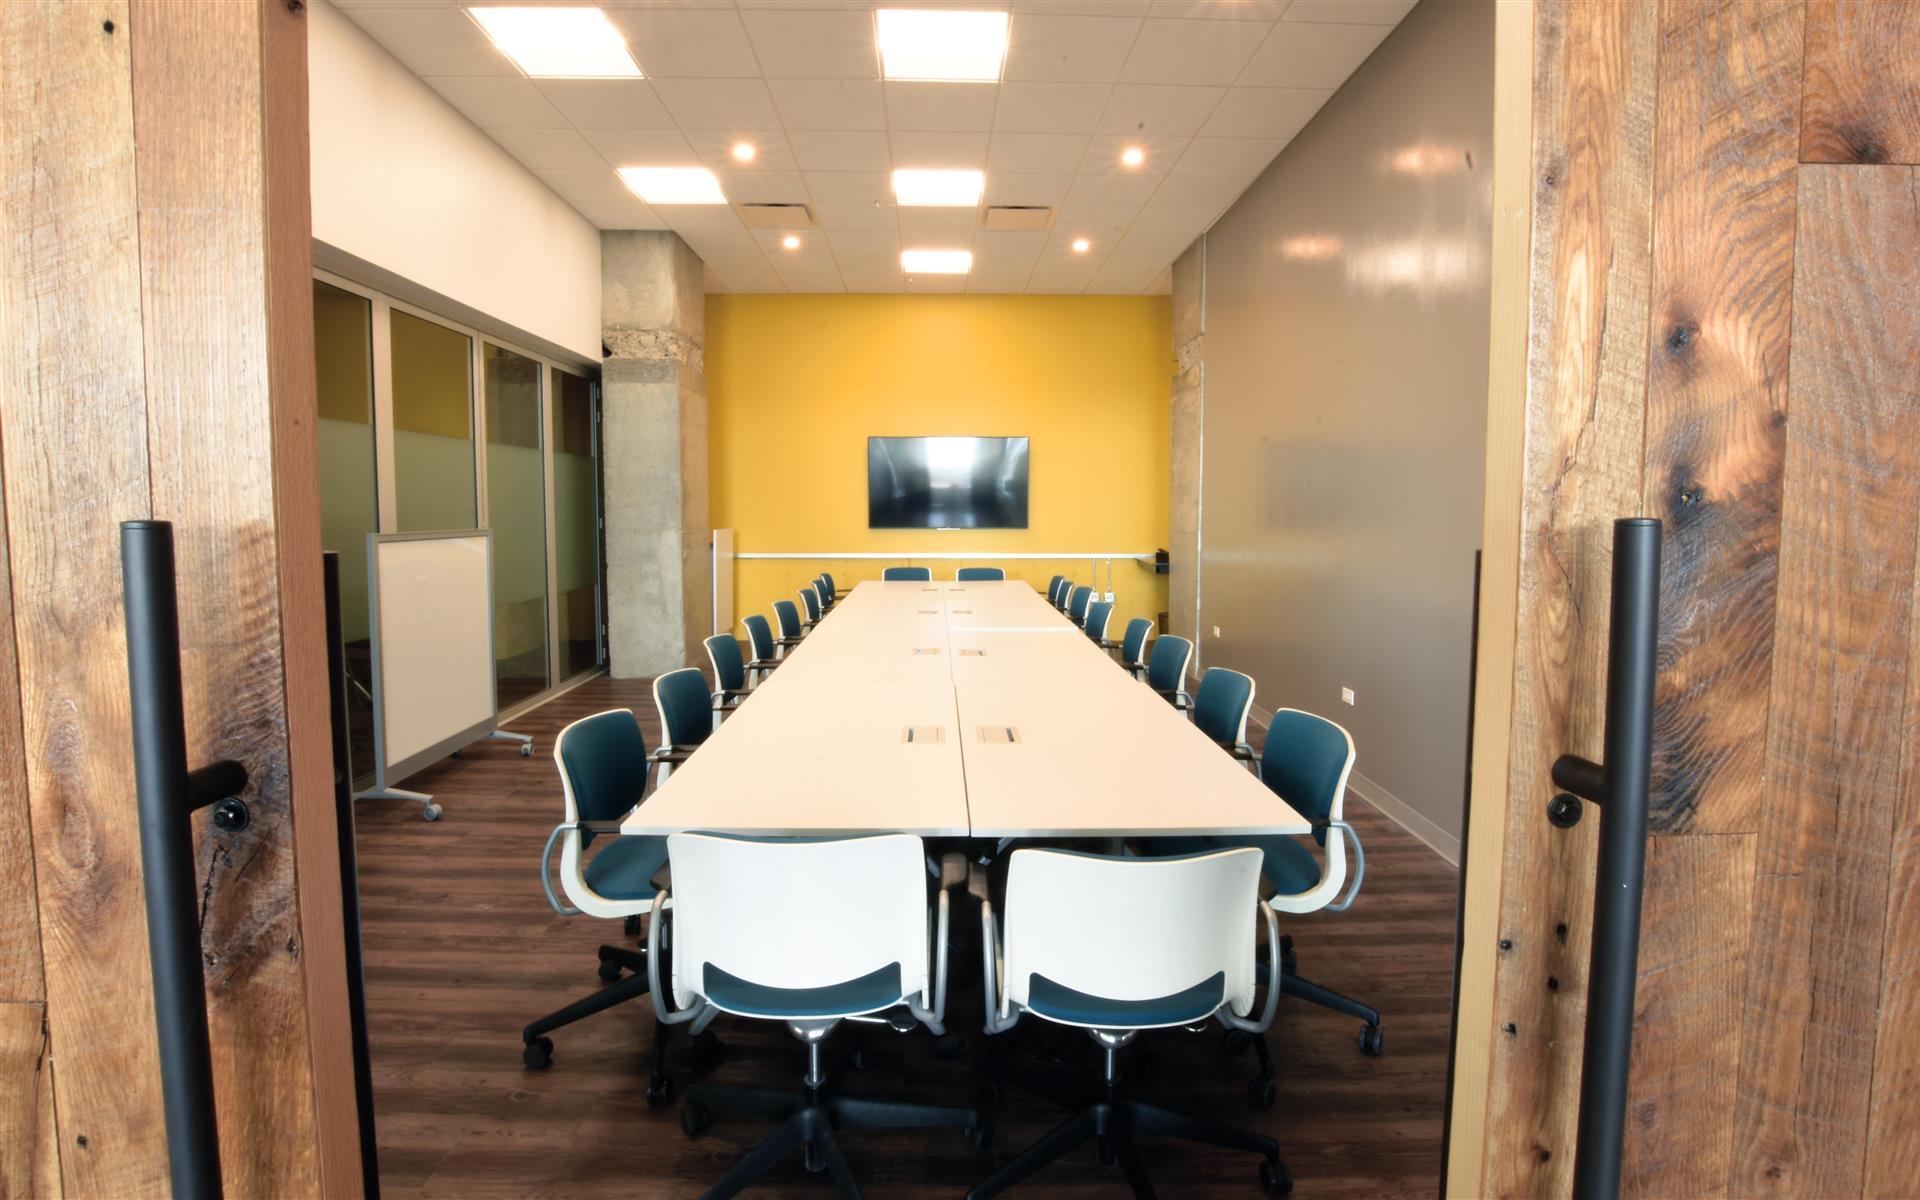 25N Coworking - Arlington Heights - Board Room